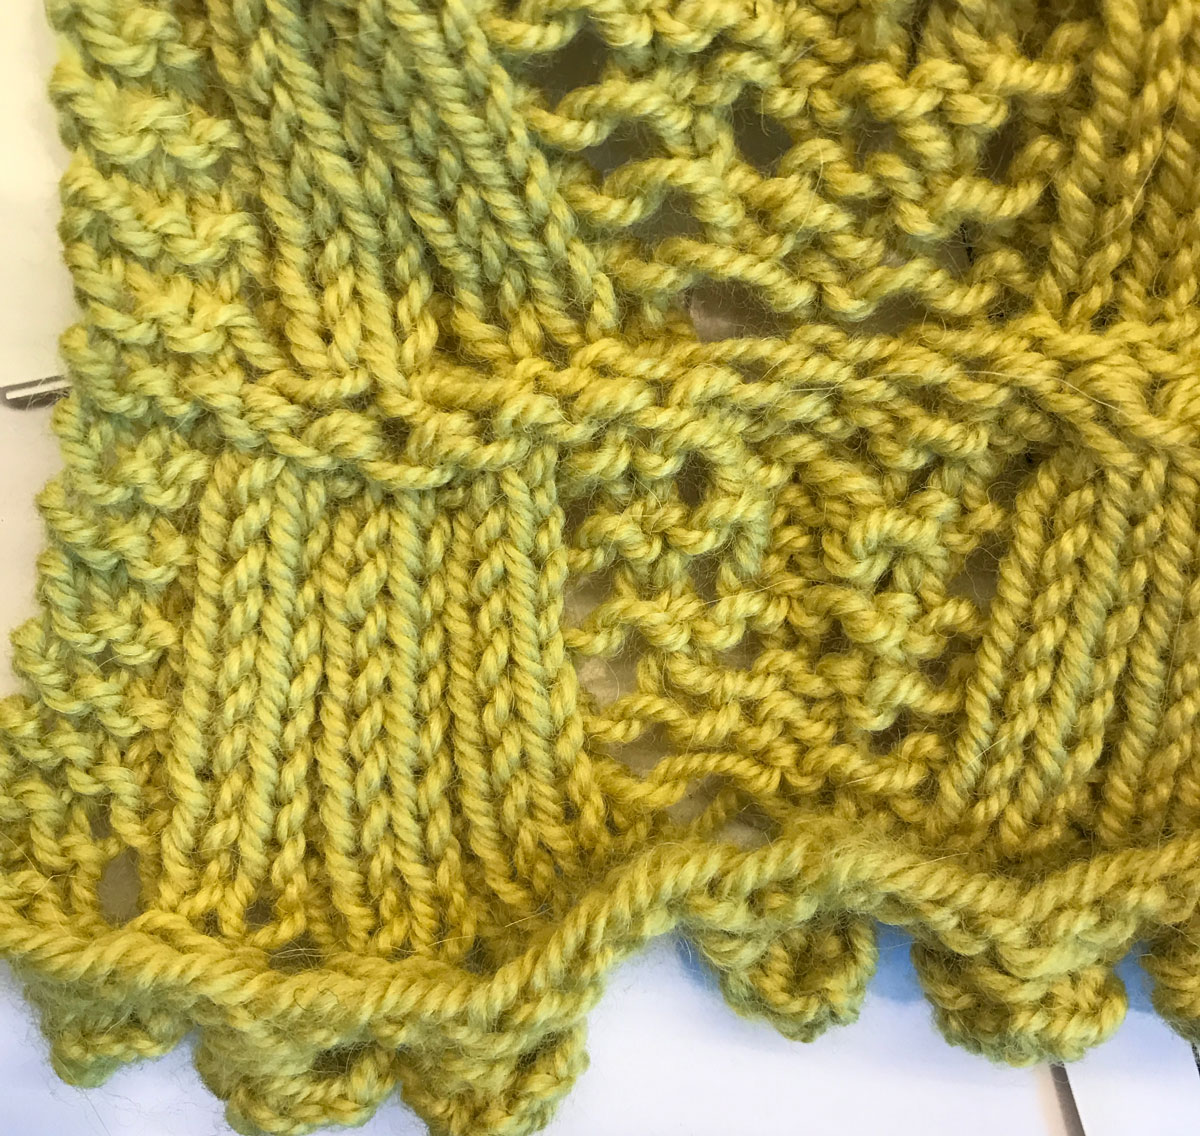 Using The Japanese Knitting Stitch Bible Jill Wolcott Knits